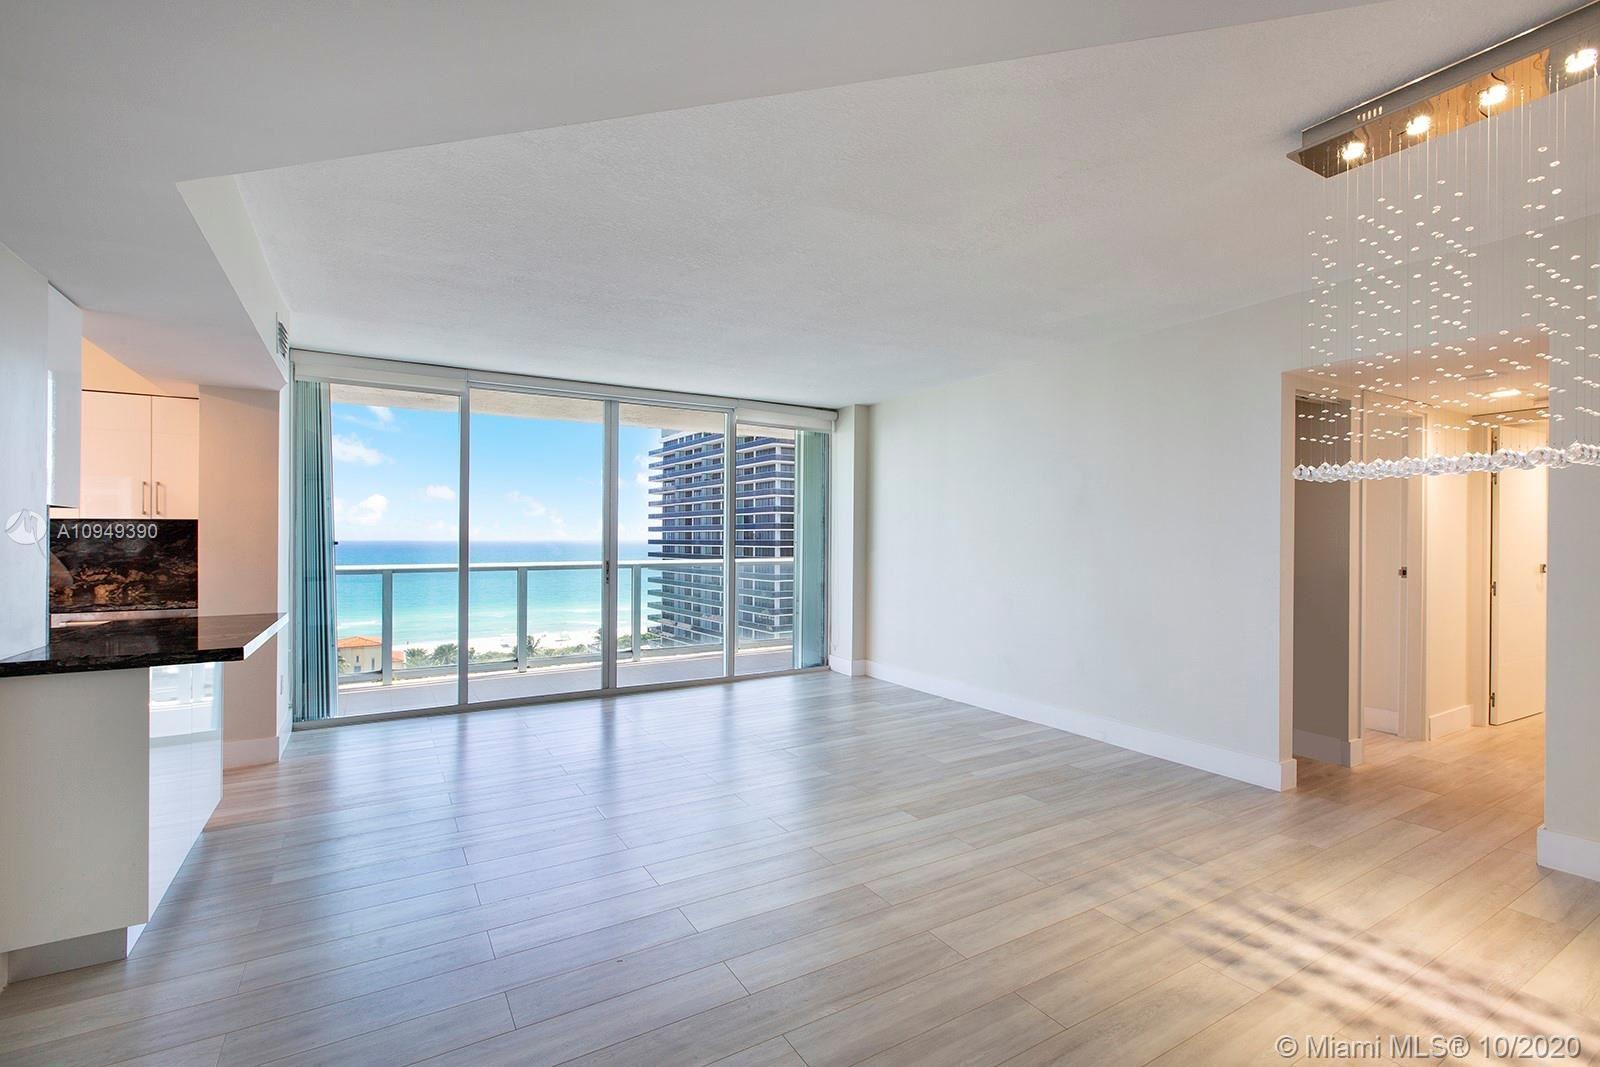 5900 Collins Ave #1604, Miami Beach, FL 33140 - #: A10949390